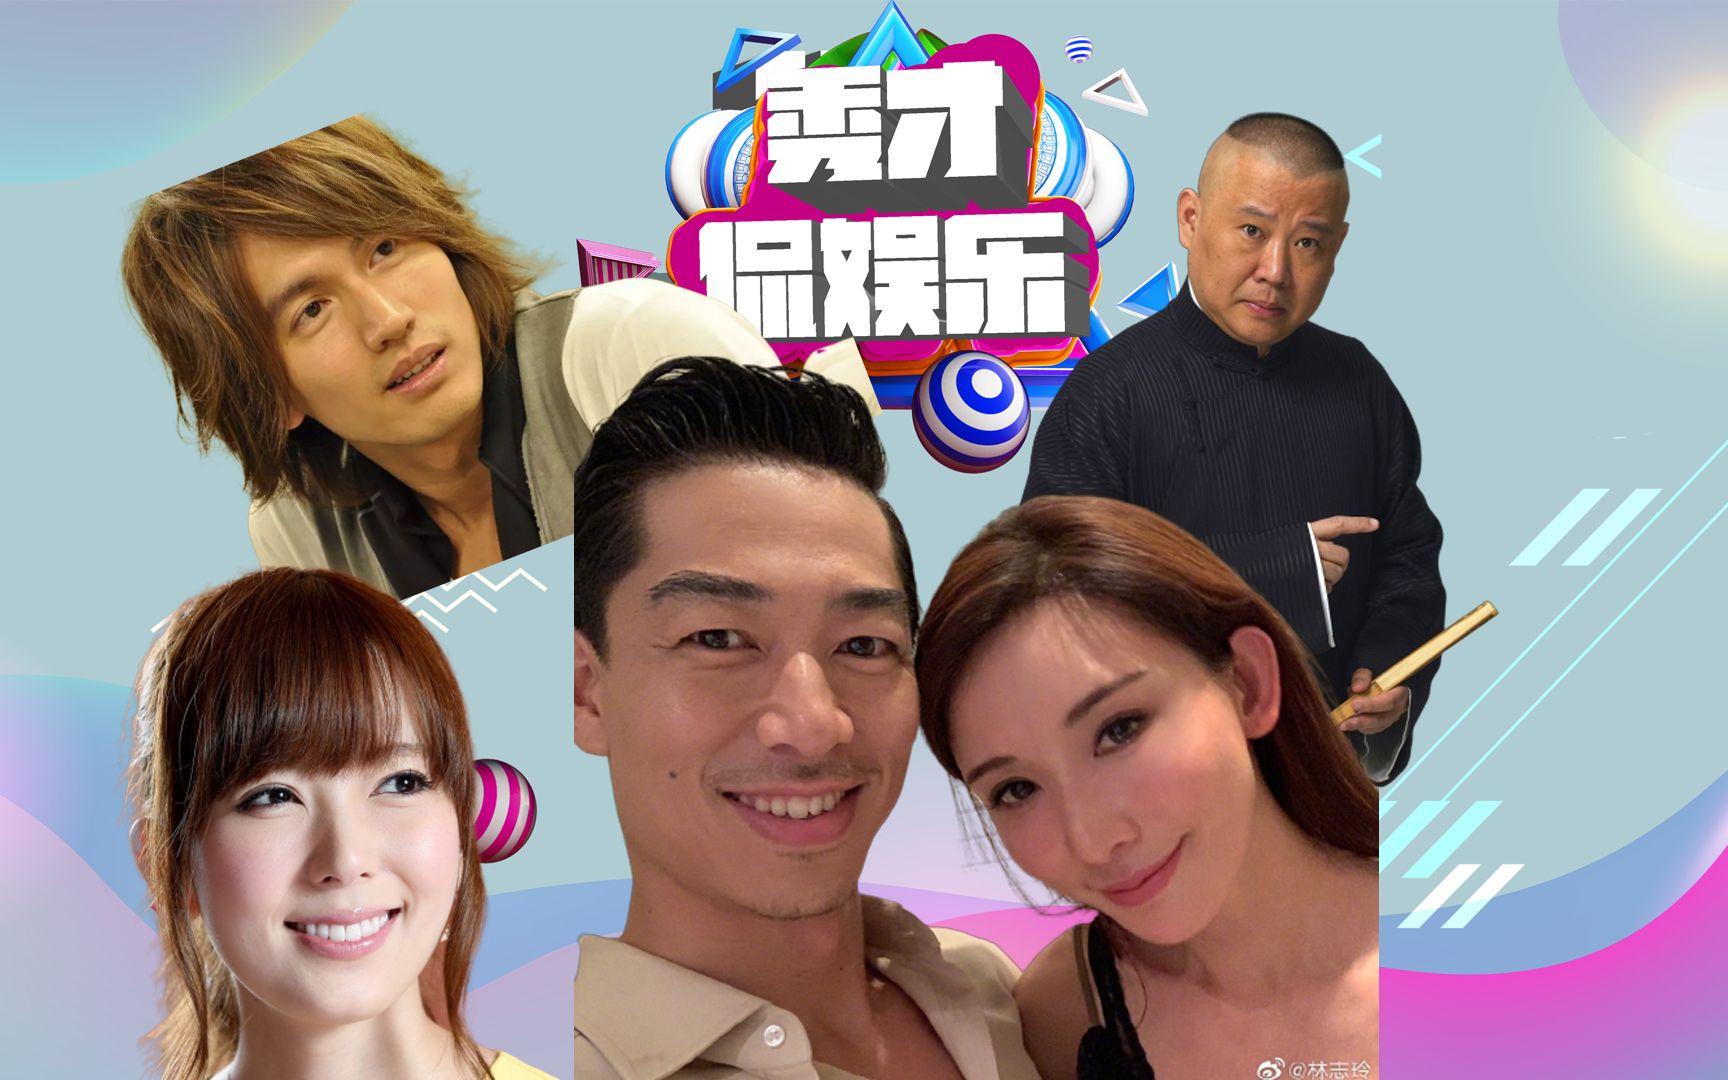 林志玲宣布结婚,郭德纲抖包袱、冯唐背锅,互联网大型原地现形